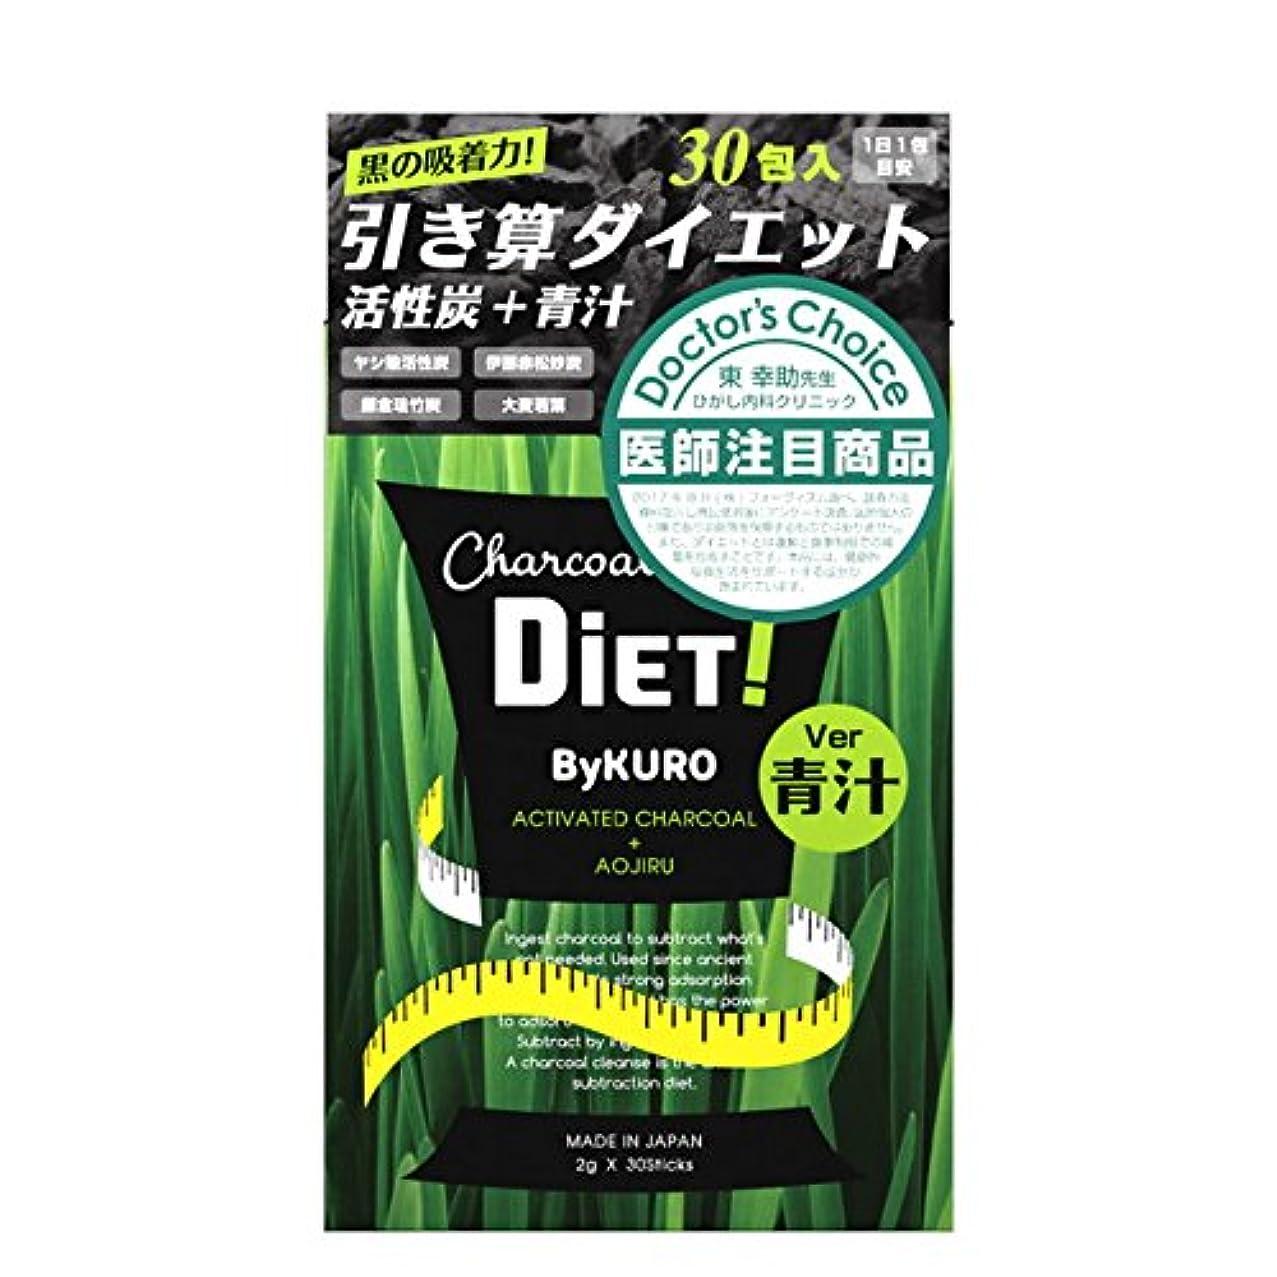 可決配置不適切なByKURO(バイクロ) 青汁 2g×30包